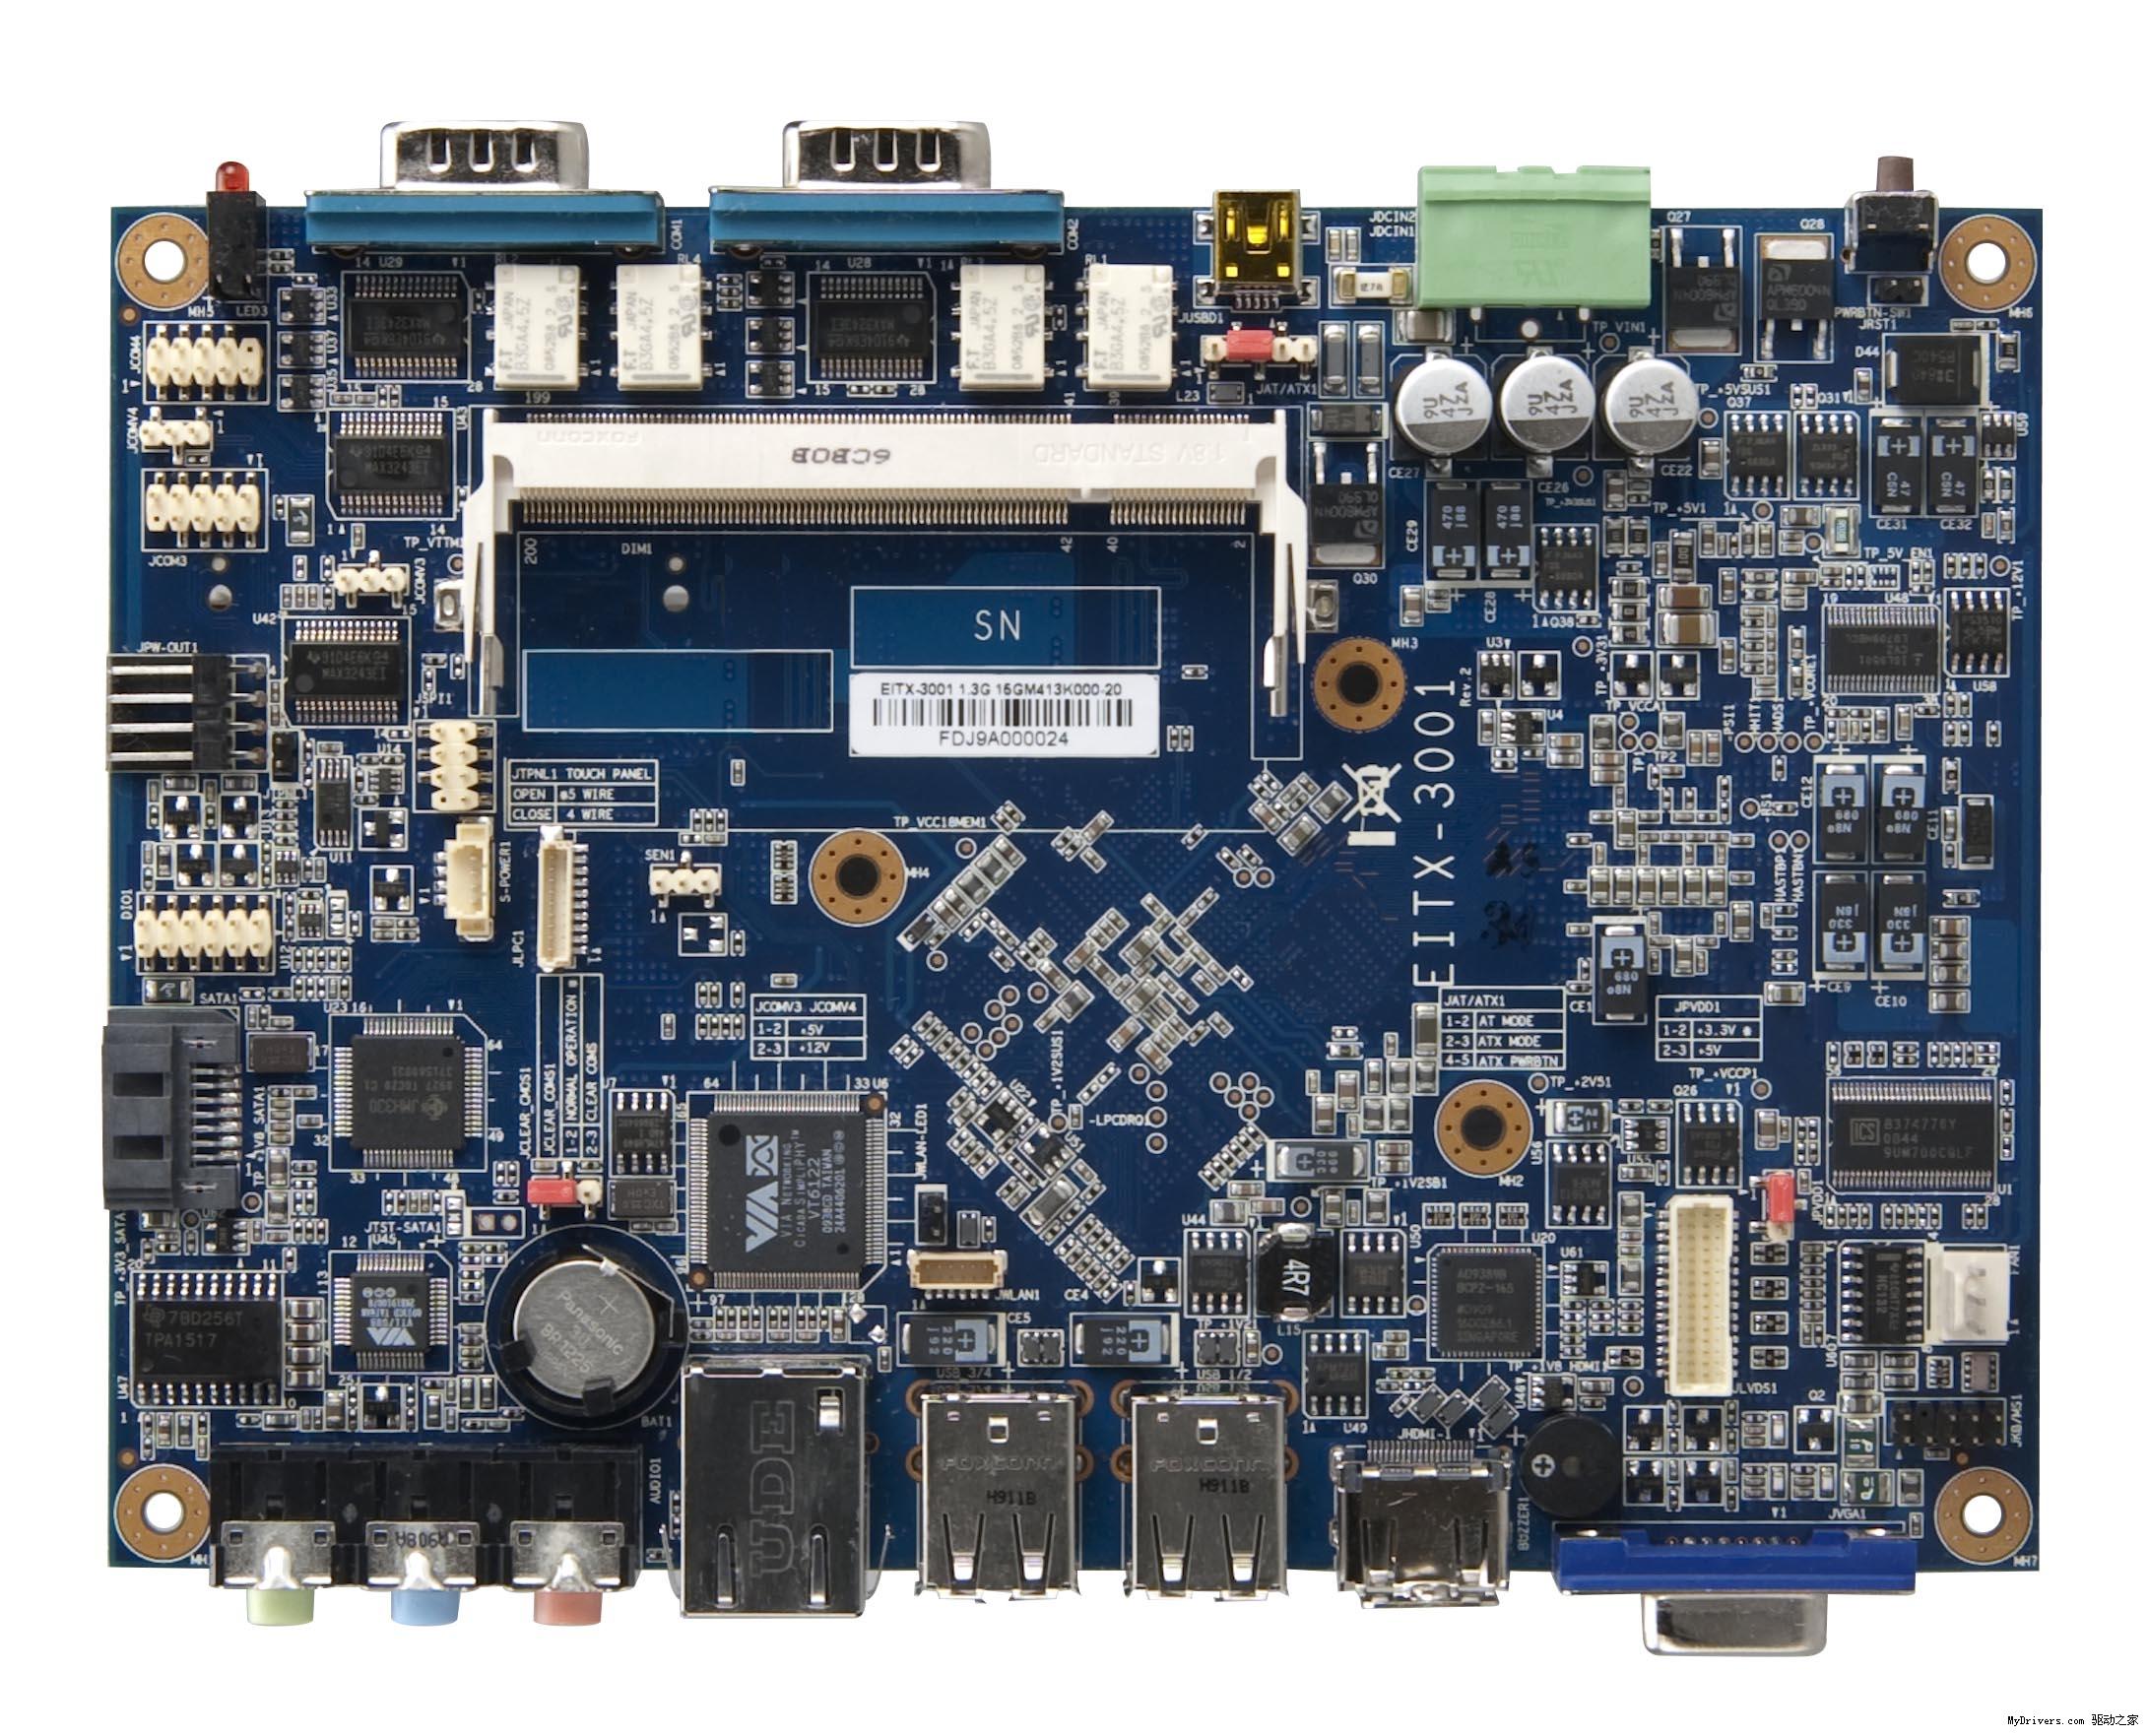 mini-din(支持usb设备),两个com口,电源和硬盘led指示灯,后面板有线性